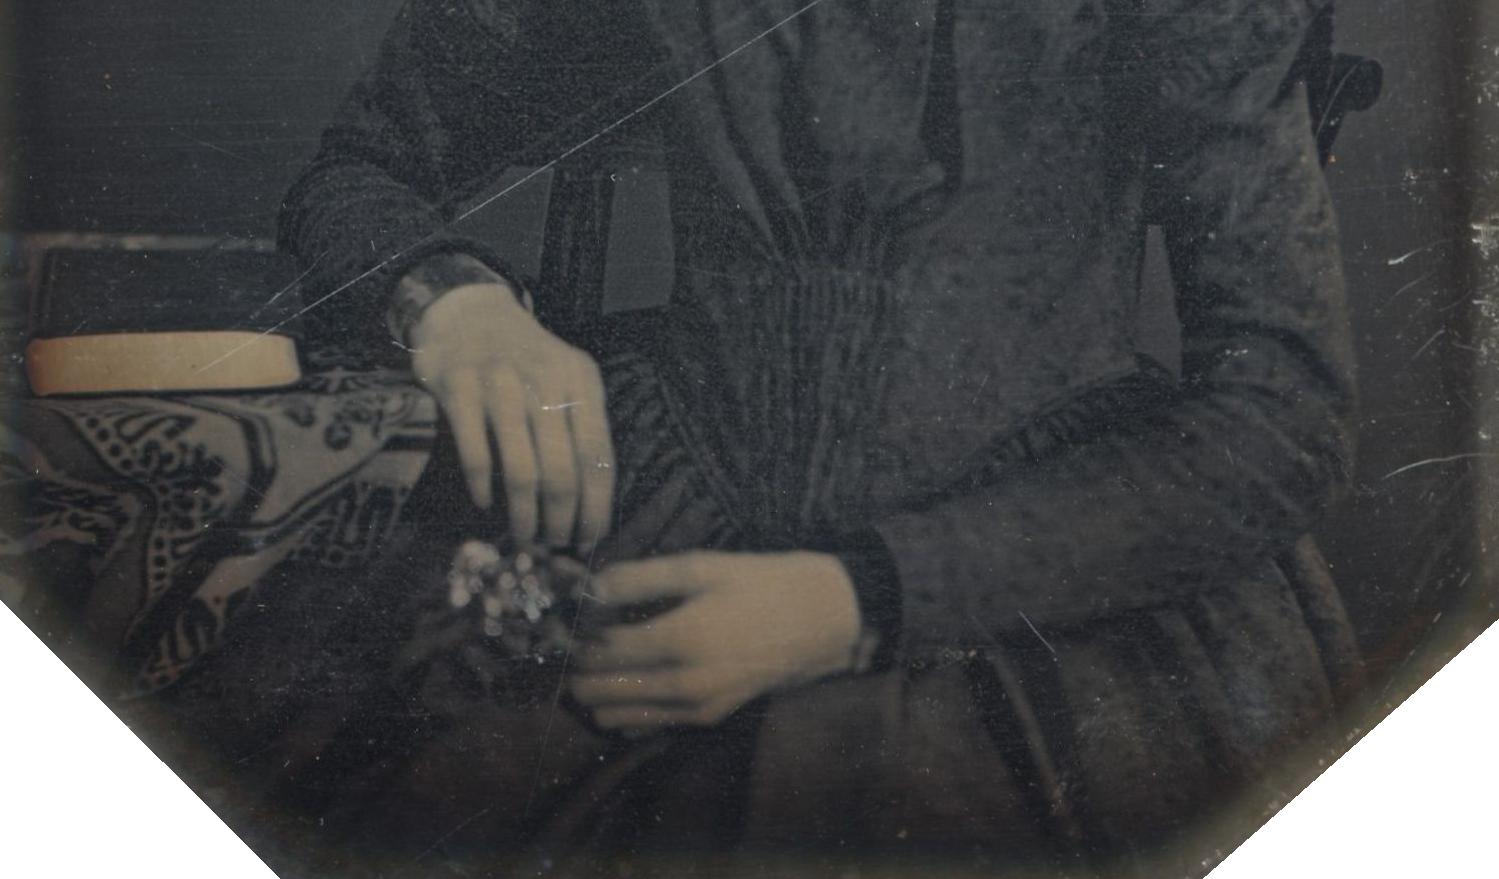 Os nadas de Emily Dickinson, Maria Irene Ramalho